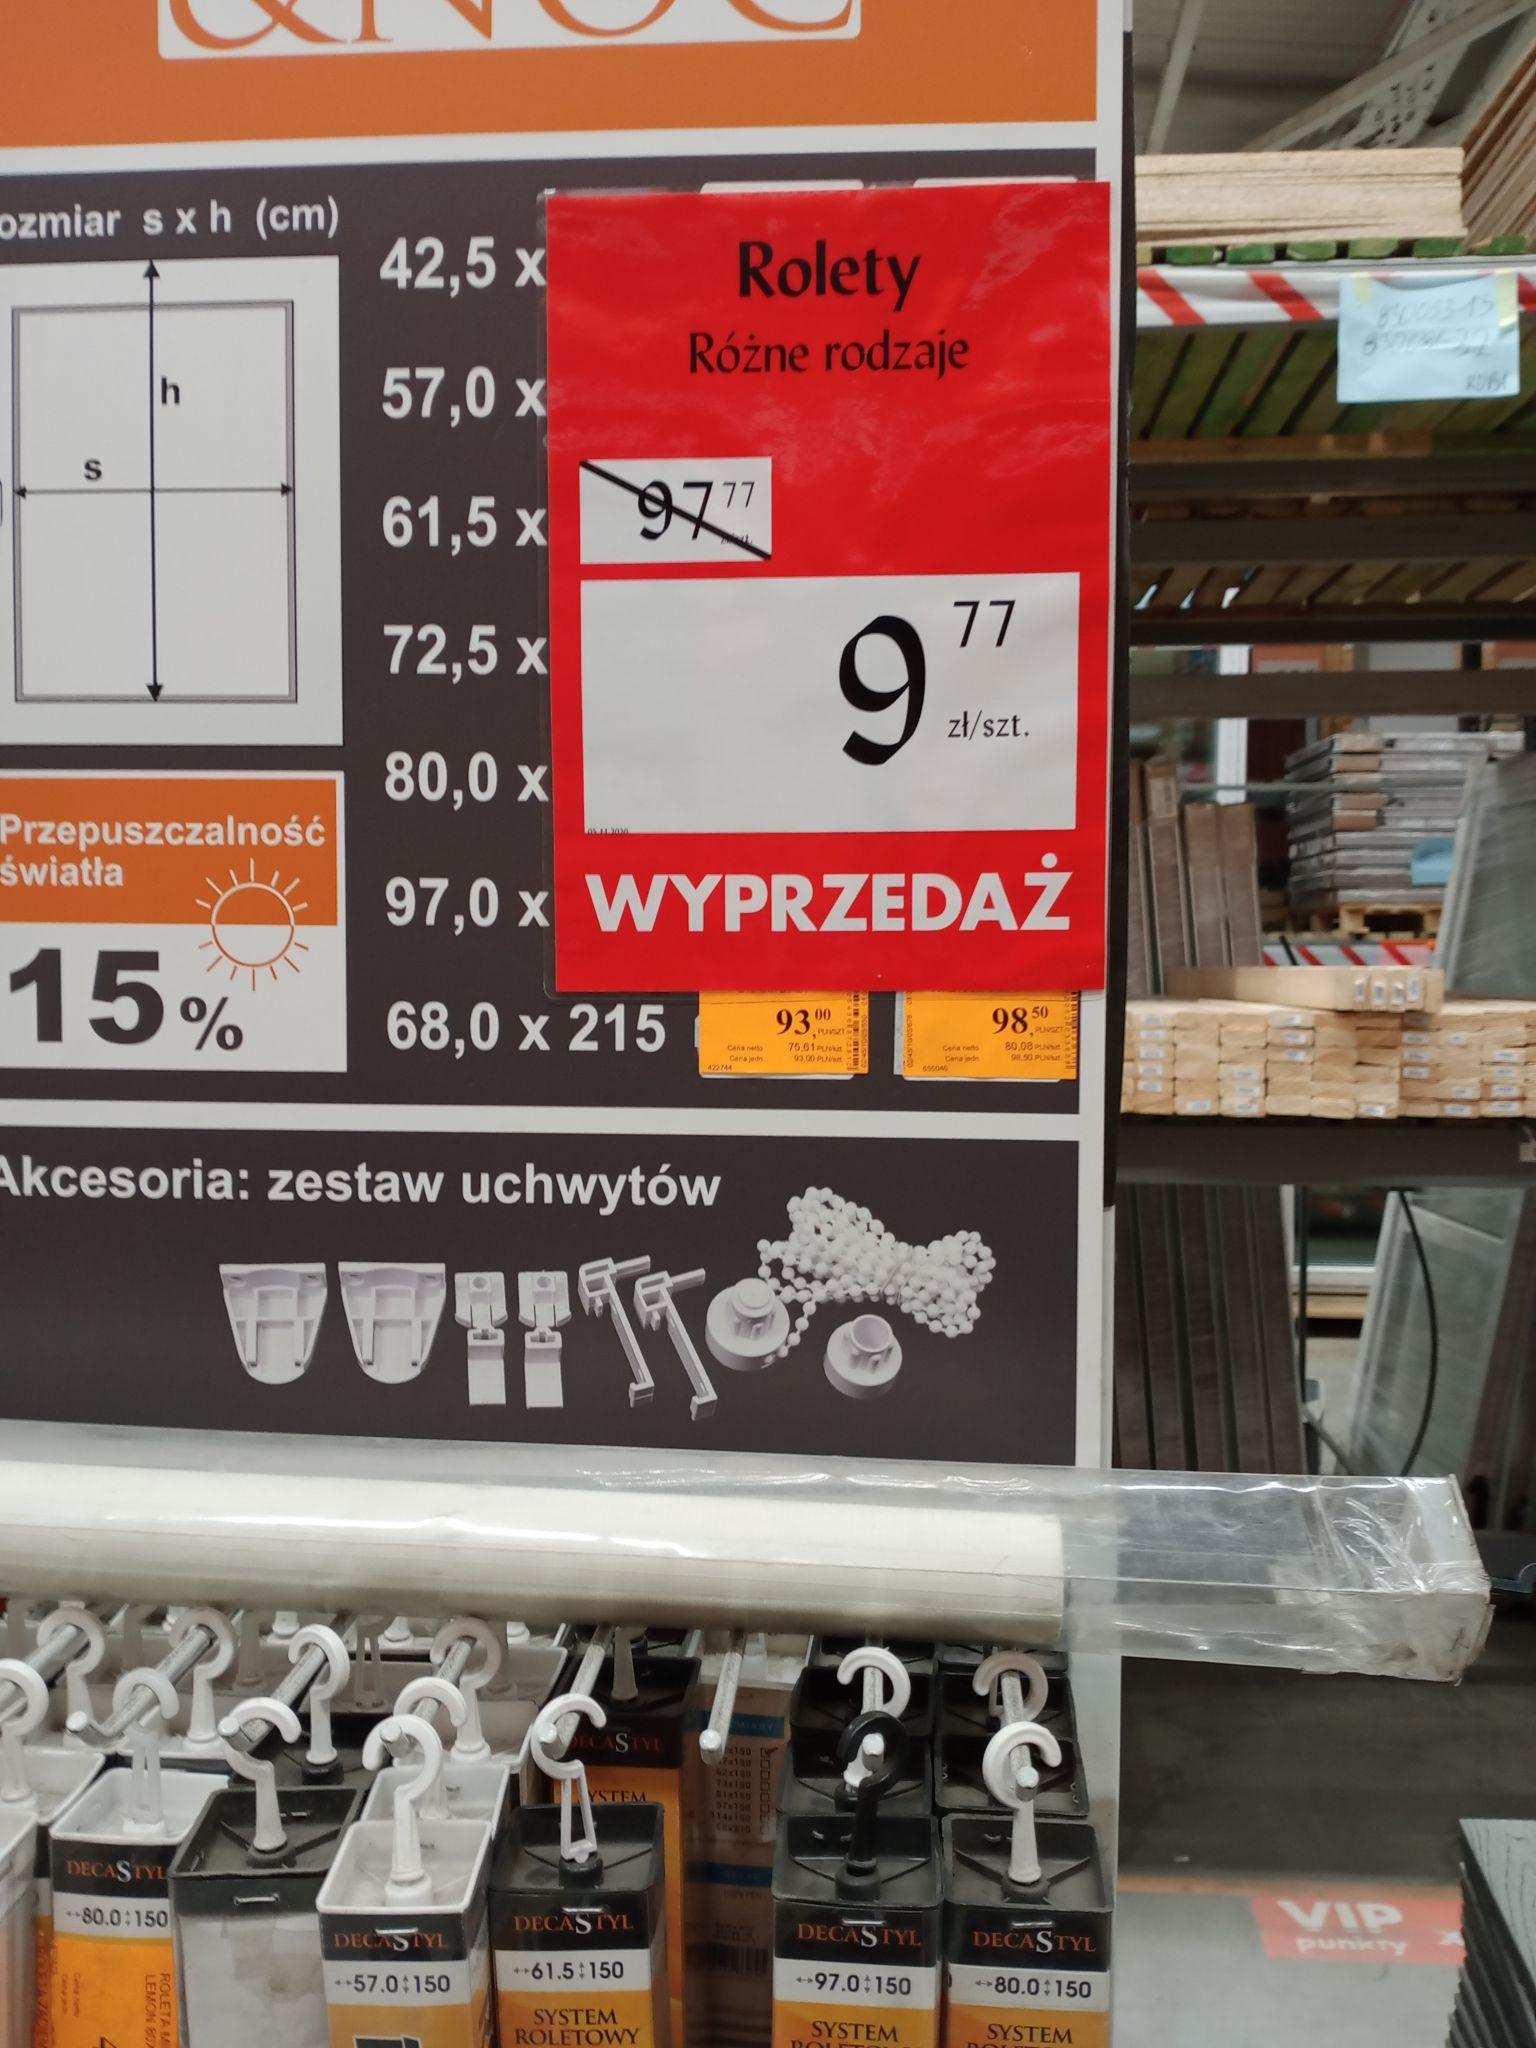 Rolety Bricoman 9,77zł Poznań Obornicka